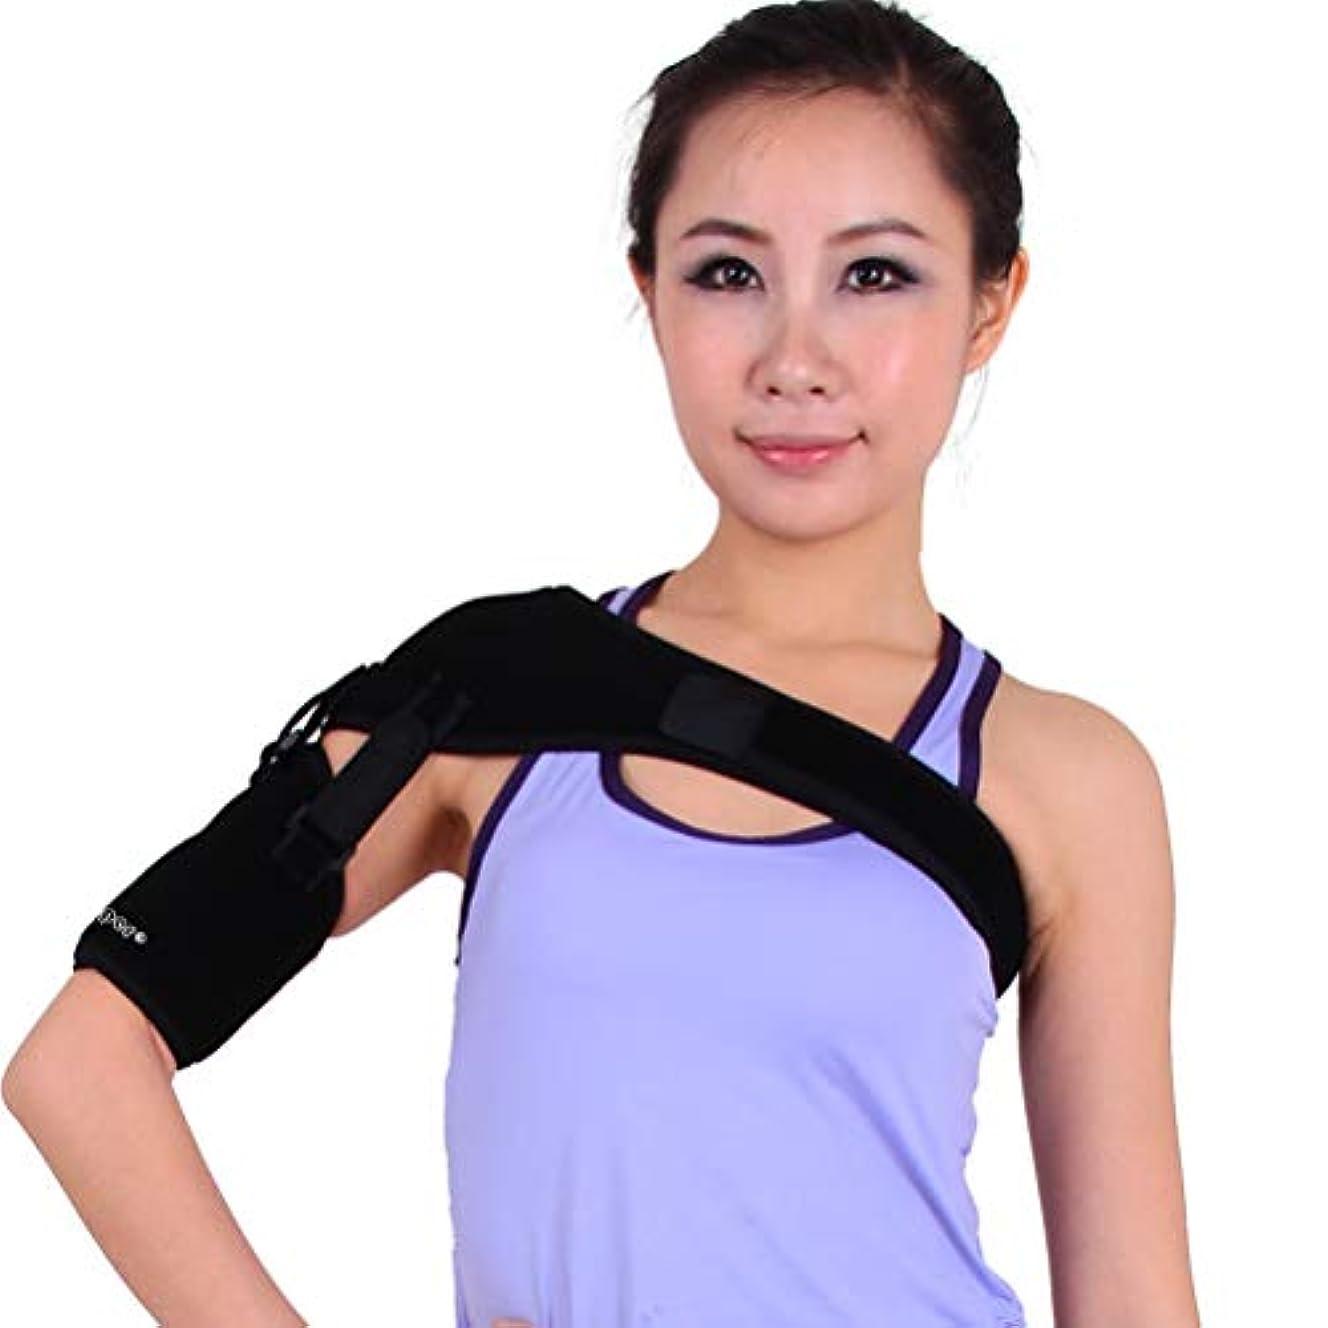 しなやかな選択する正統派Healifty ショルダーサポート右腕スリング調整可能な肘サポートメッシュブレース医療用スリングストラップ固定具(スポーツ用)壊れた骨折した腕(黒)